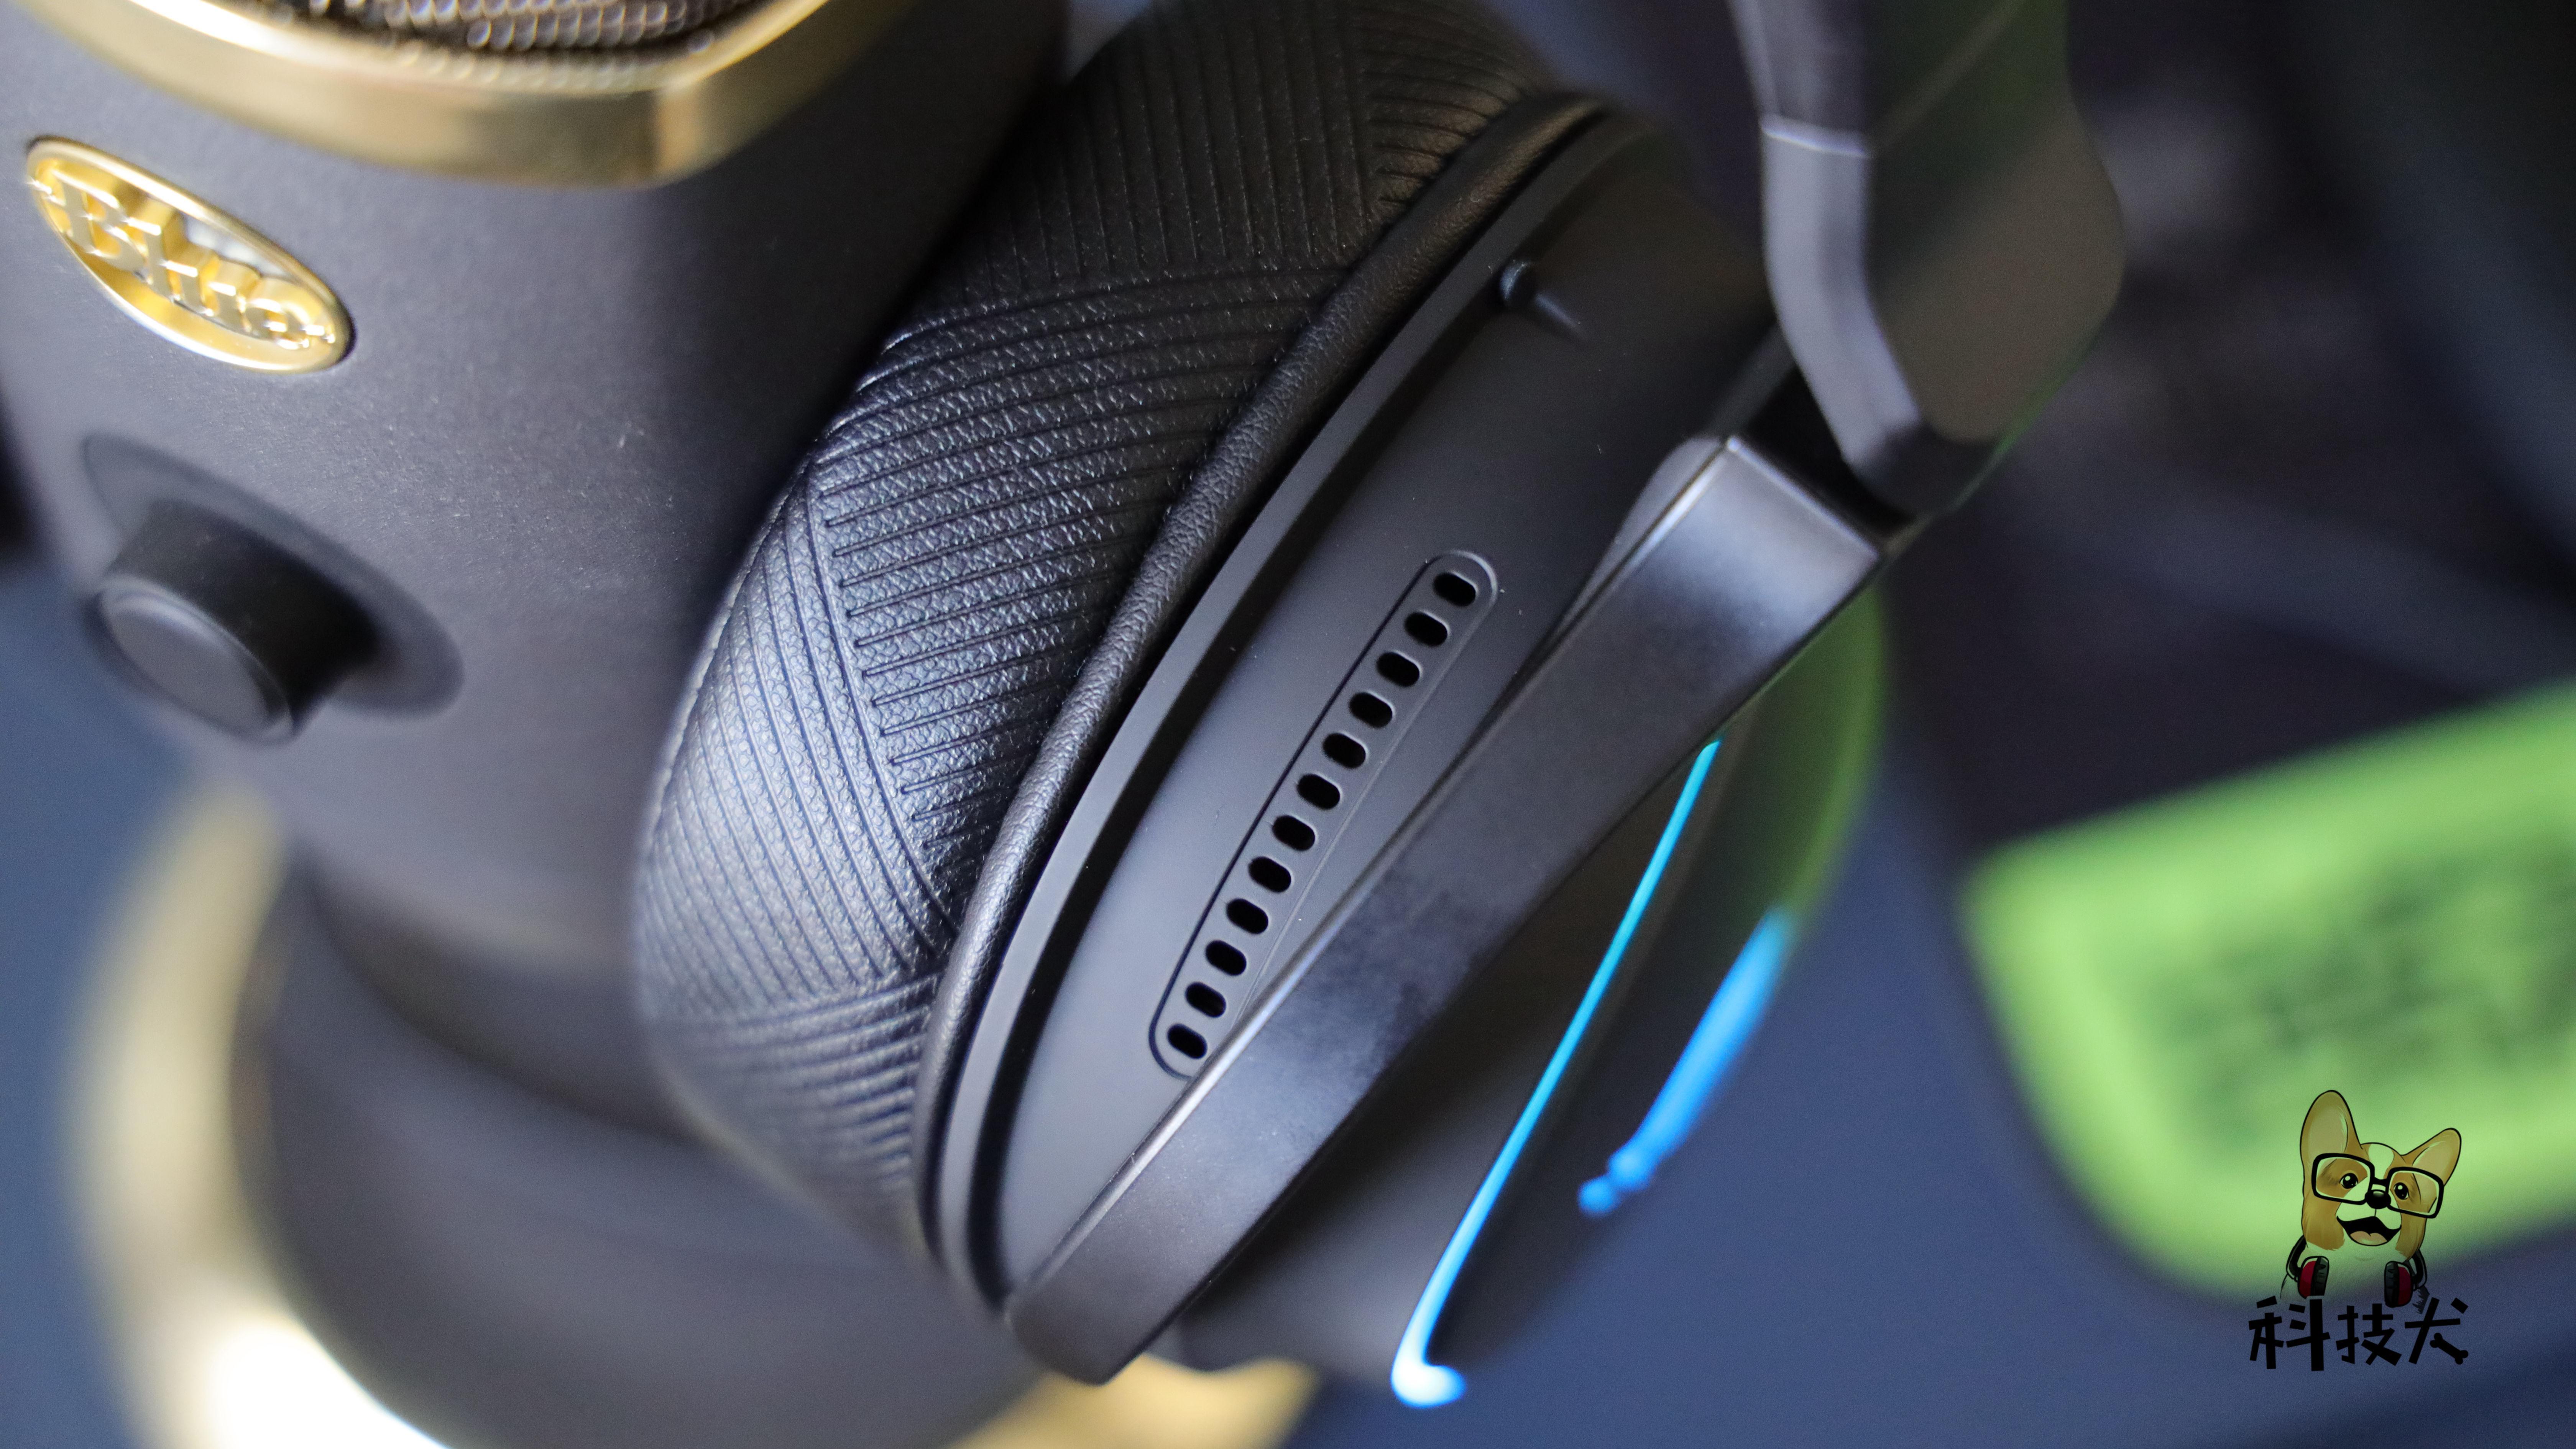 ROG棱镜S游戏耳机评测:超轻设计佩戴舒适 时刻洞察敌方动向